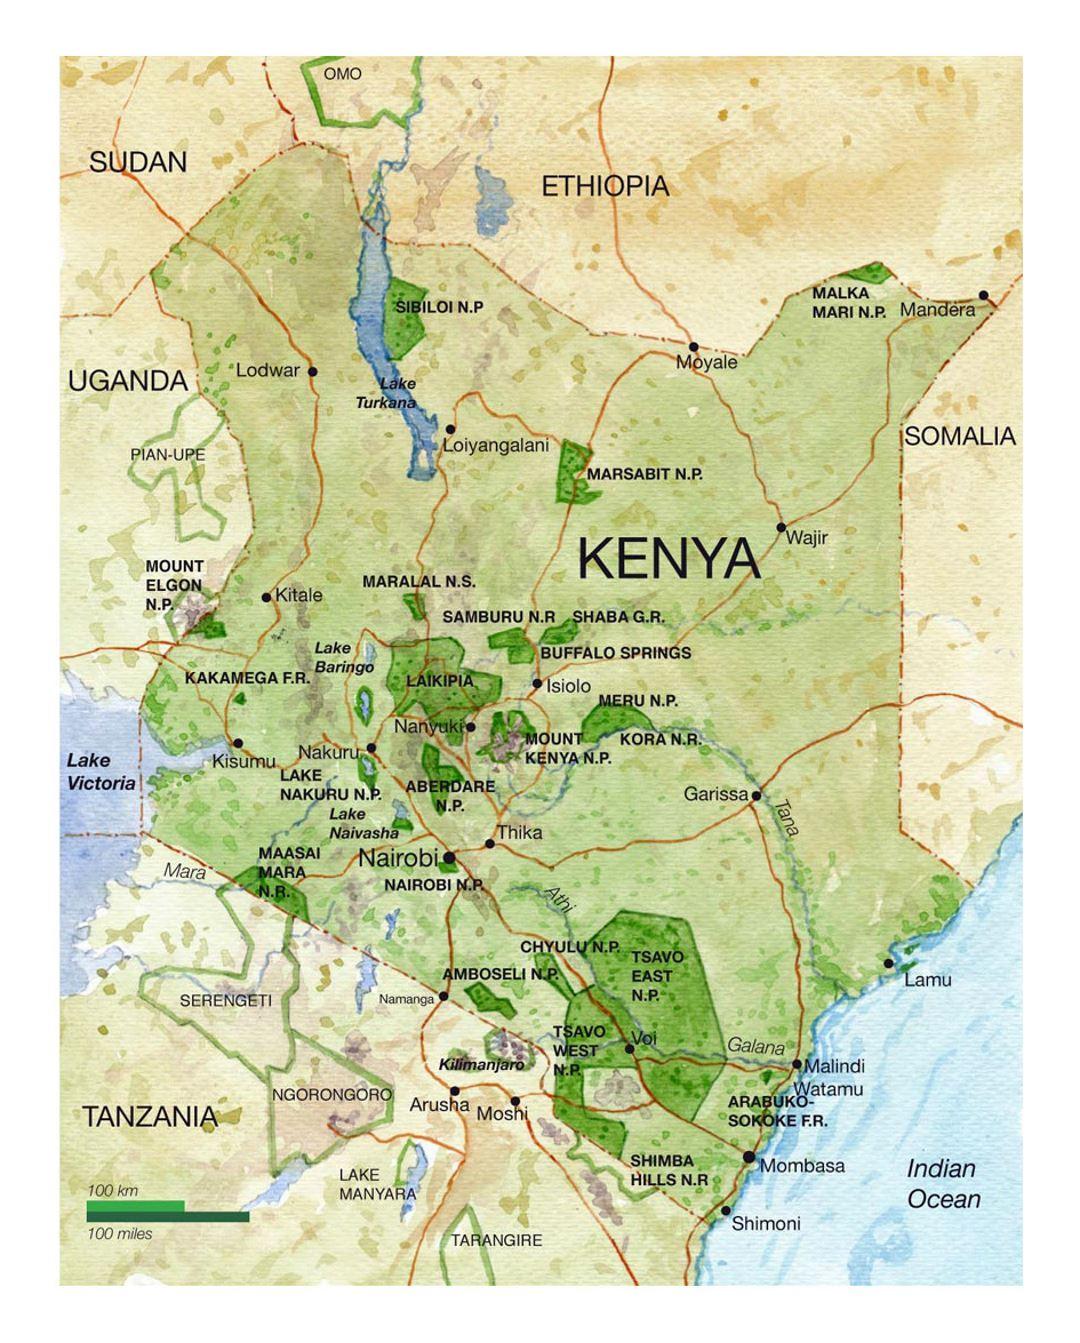 Detailed national parks map of Kenya | Kenya | Africa ...